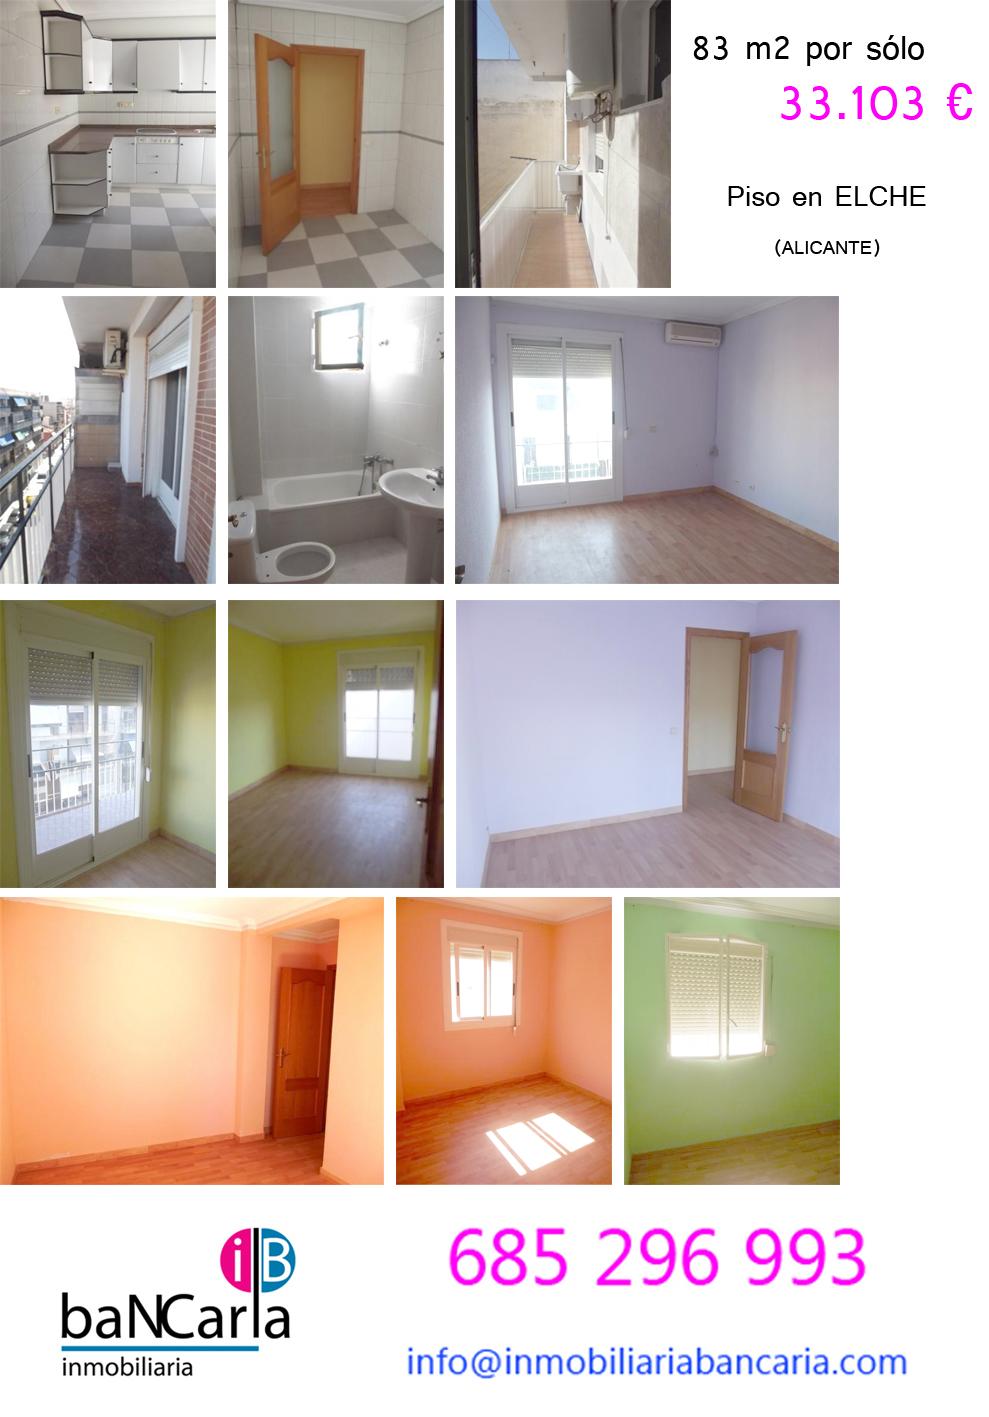 piso de banco en elche y 83 m2 embargo en